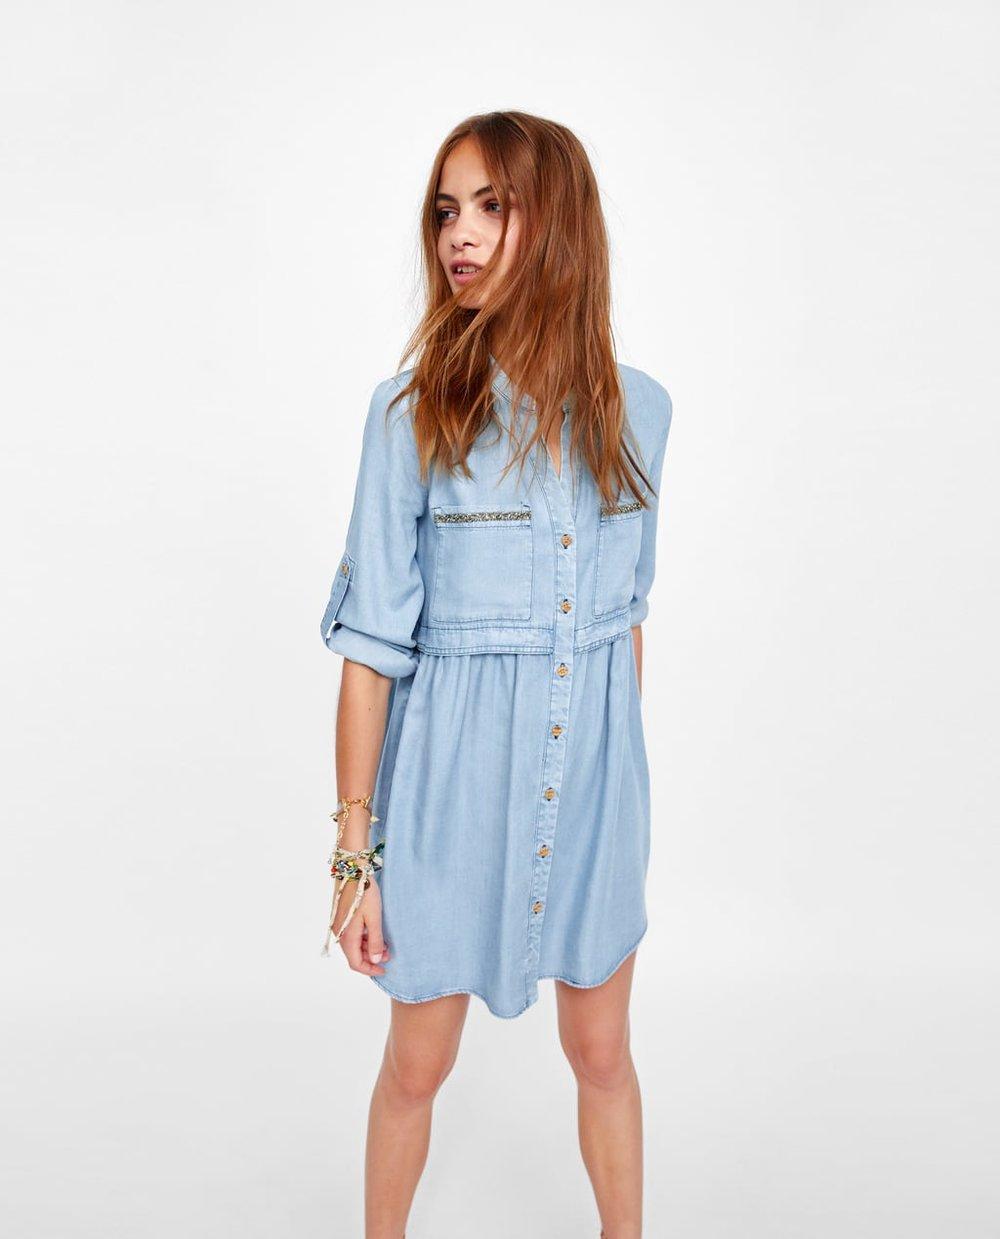 Zara BEJEWELLED SHIRT DRESS